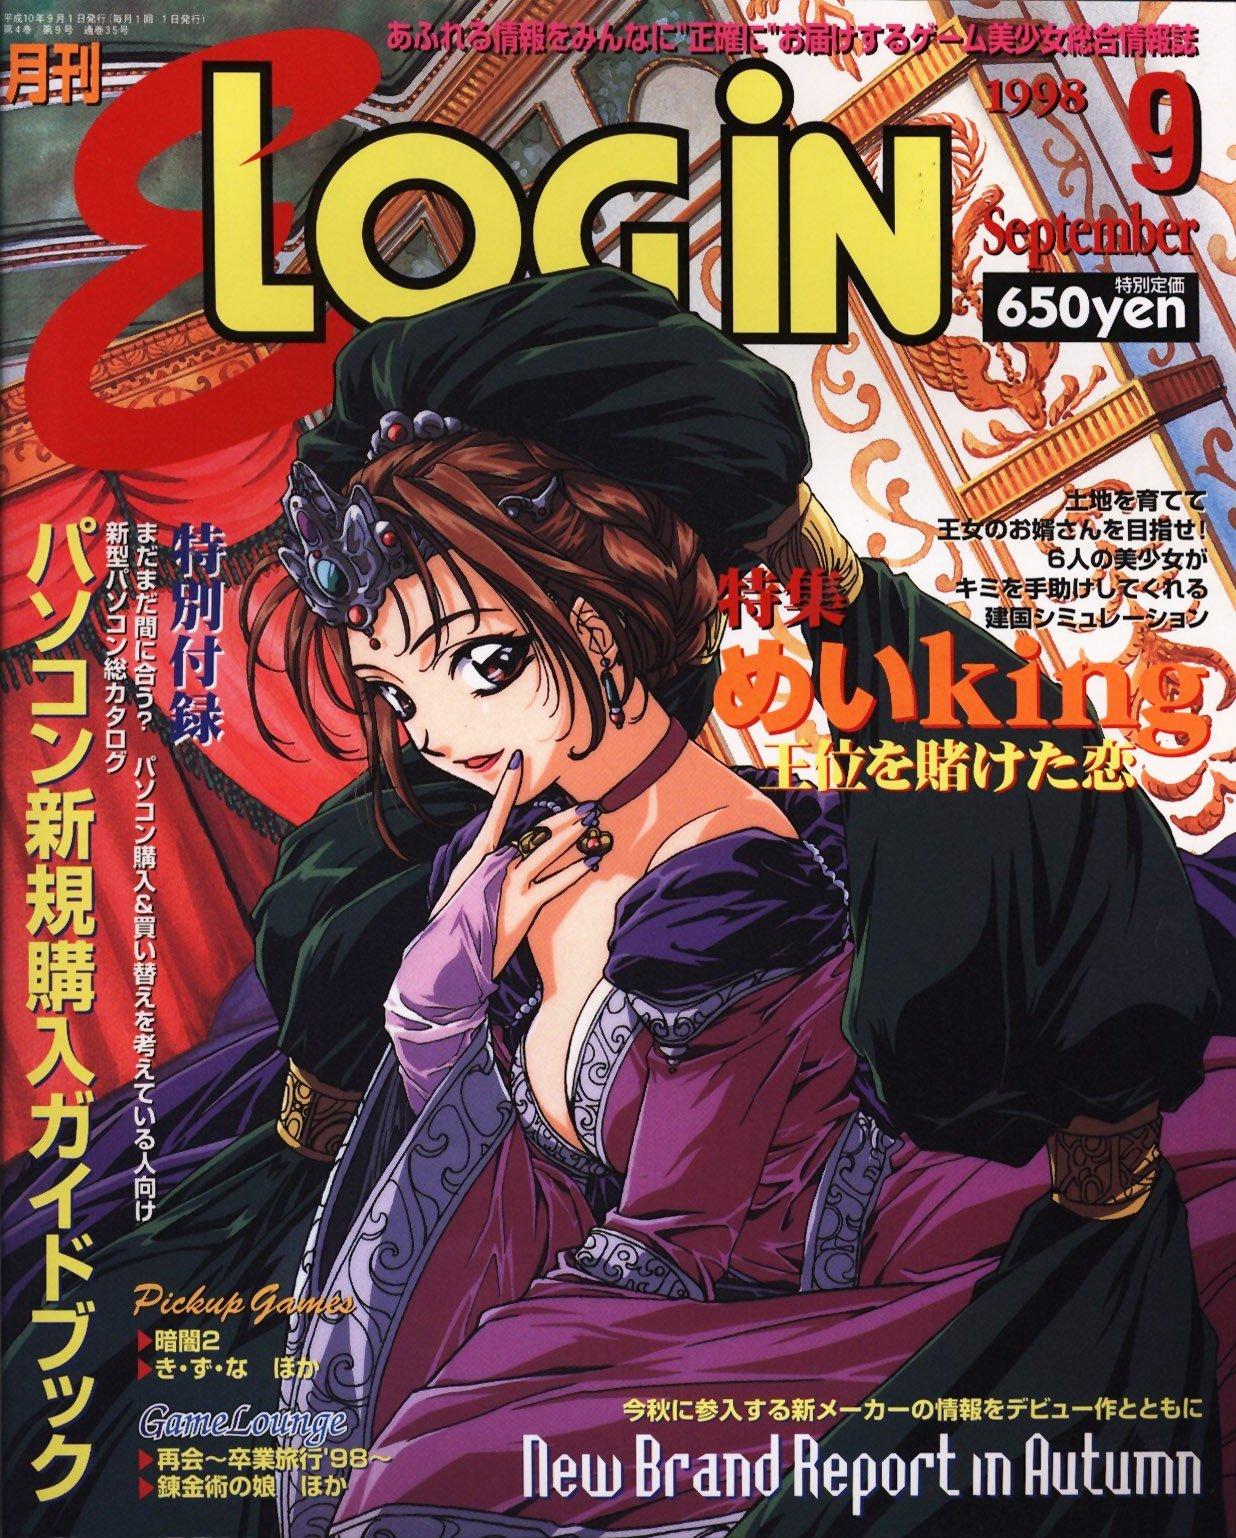 E-Login Issue 035 (September 1998)